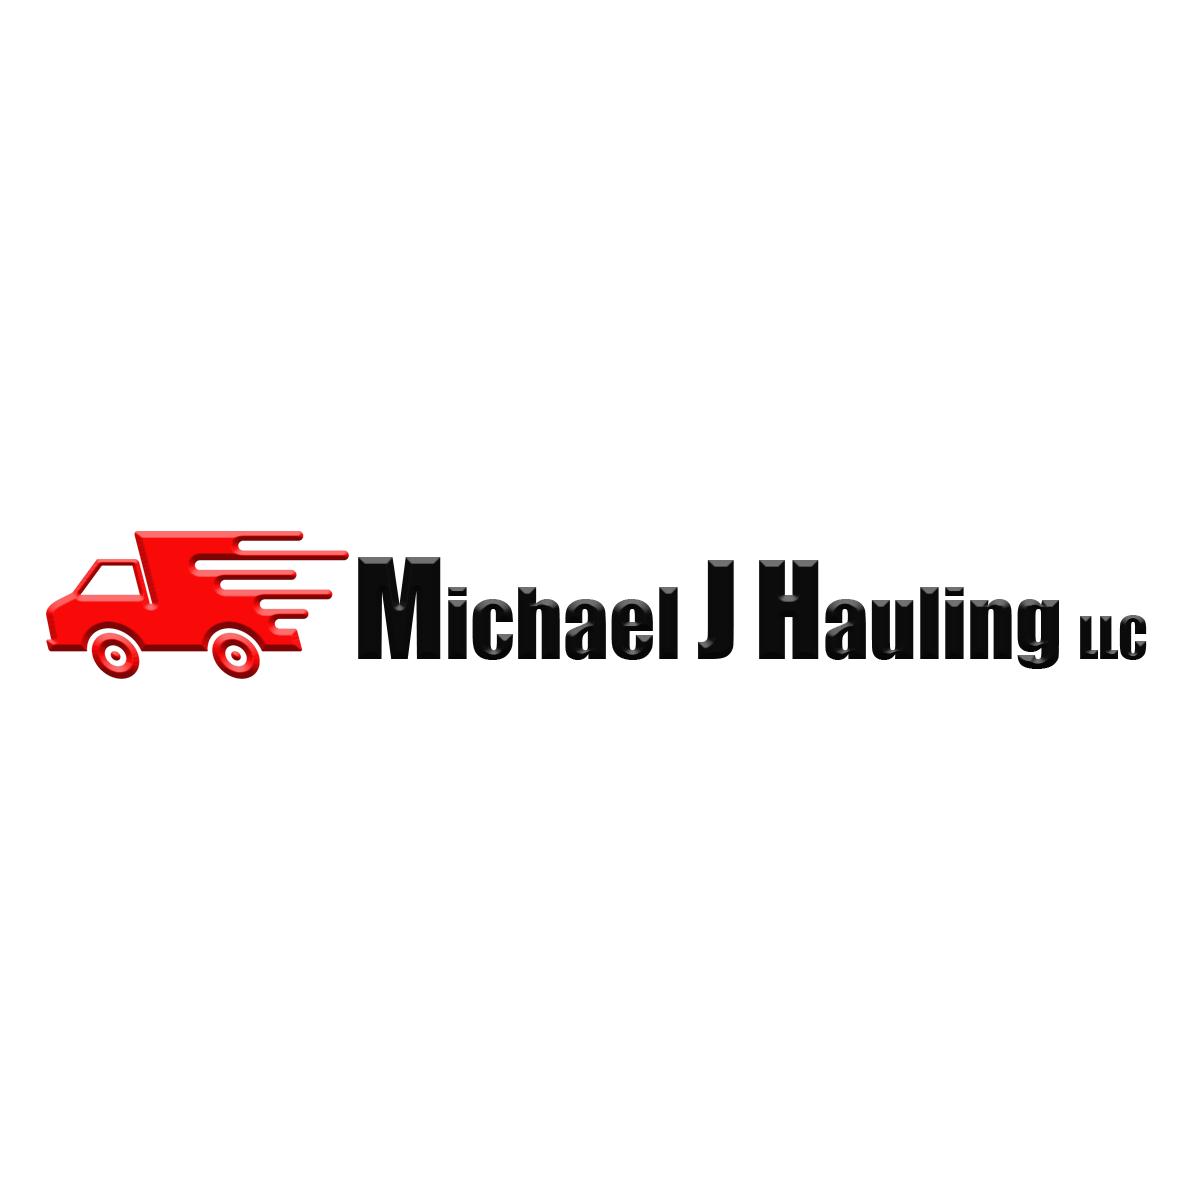 Michael J Hauling LLC